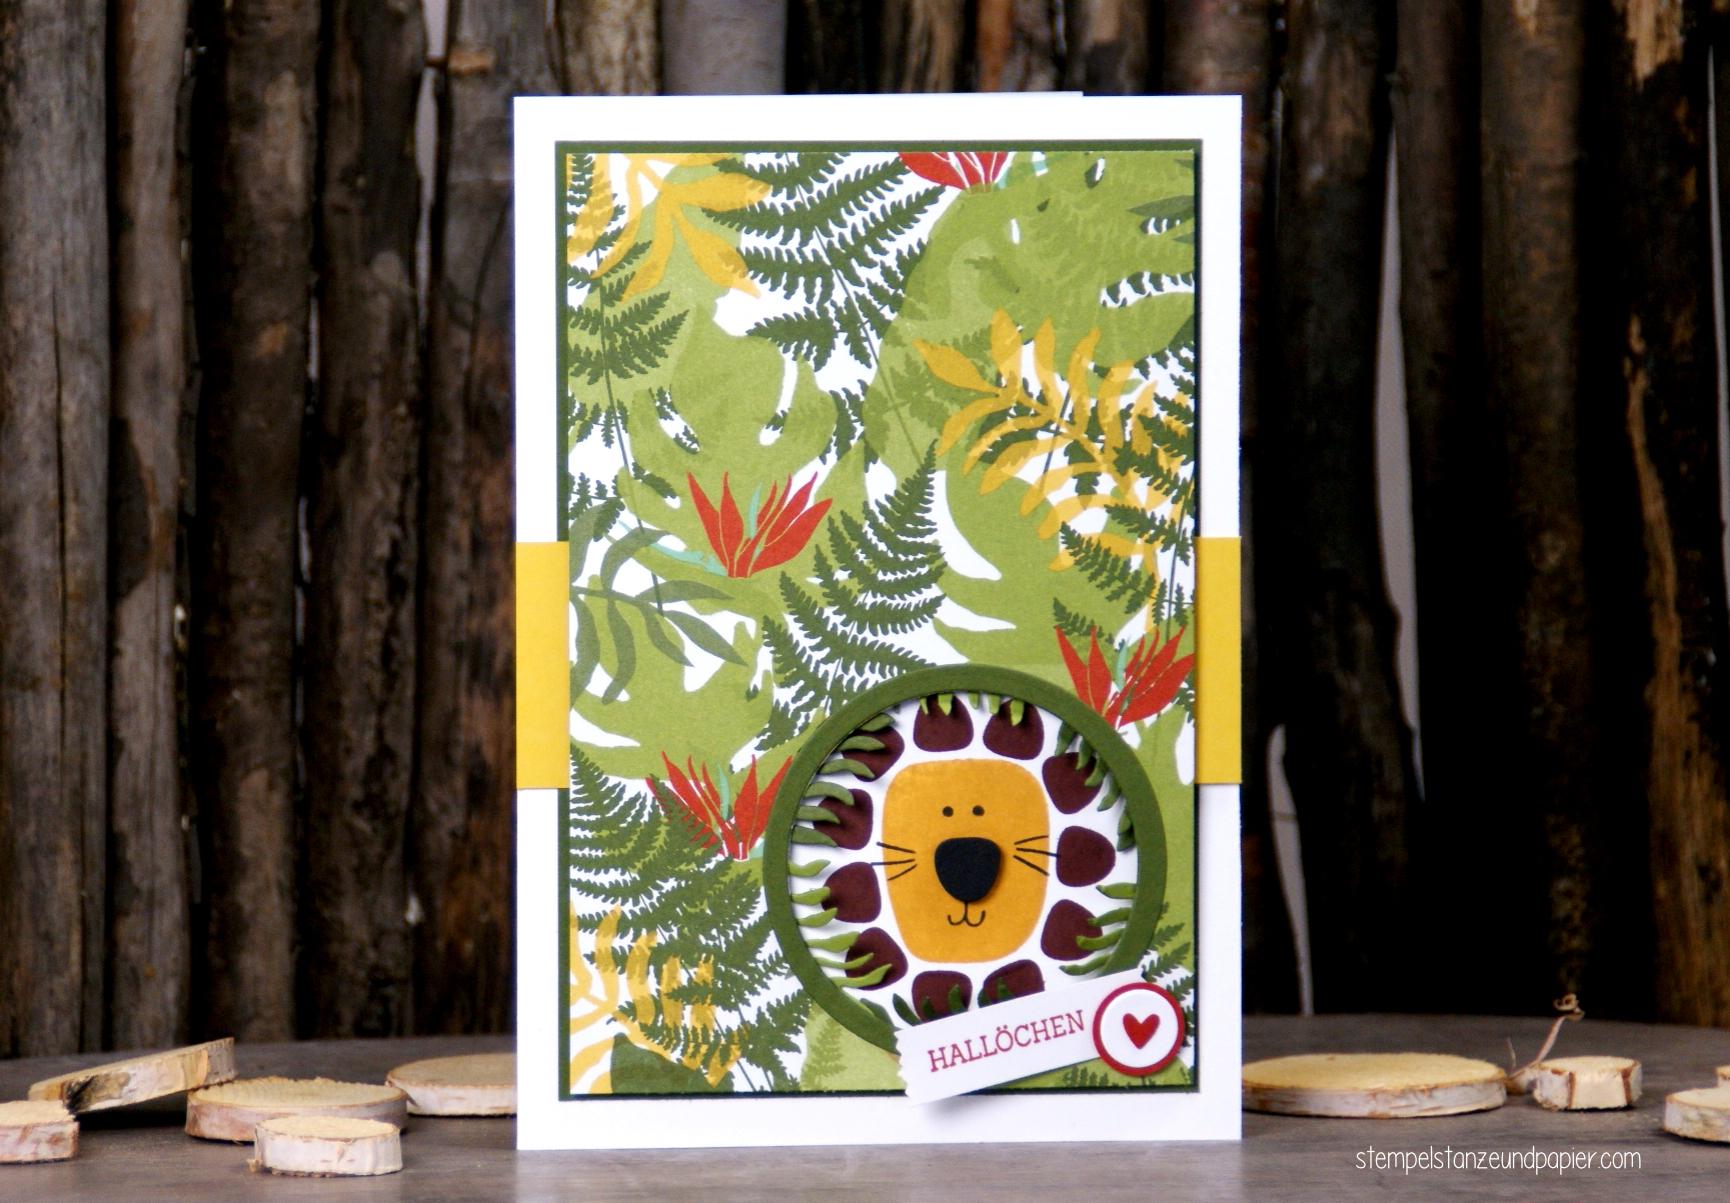 Wilde Dschungel Karte mit kleinem Löwen im Versteck 1